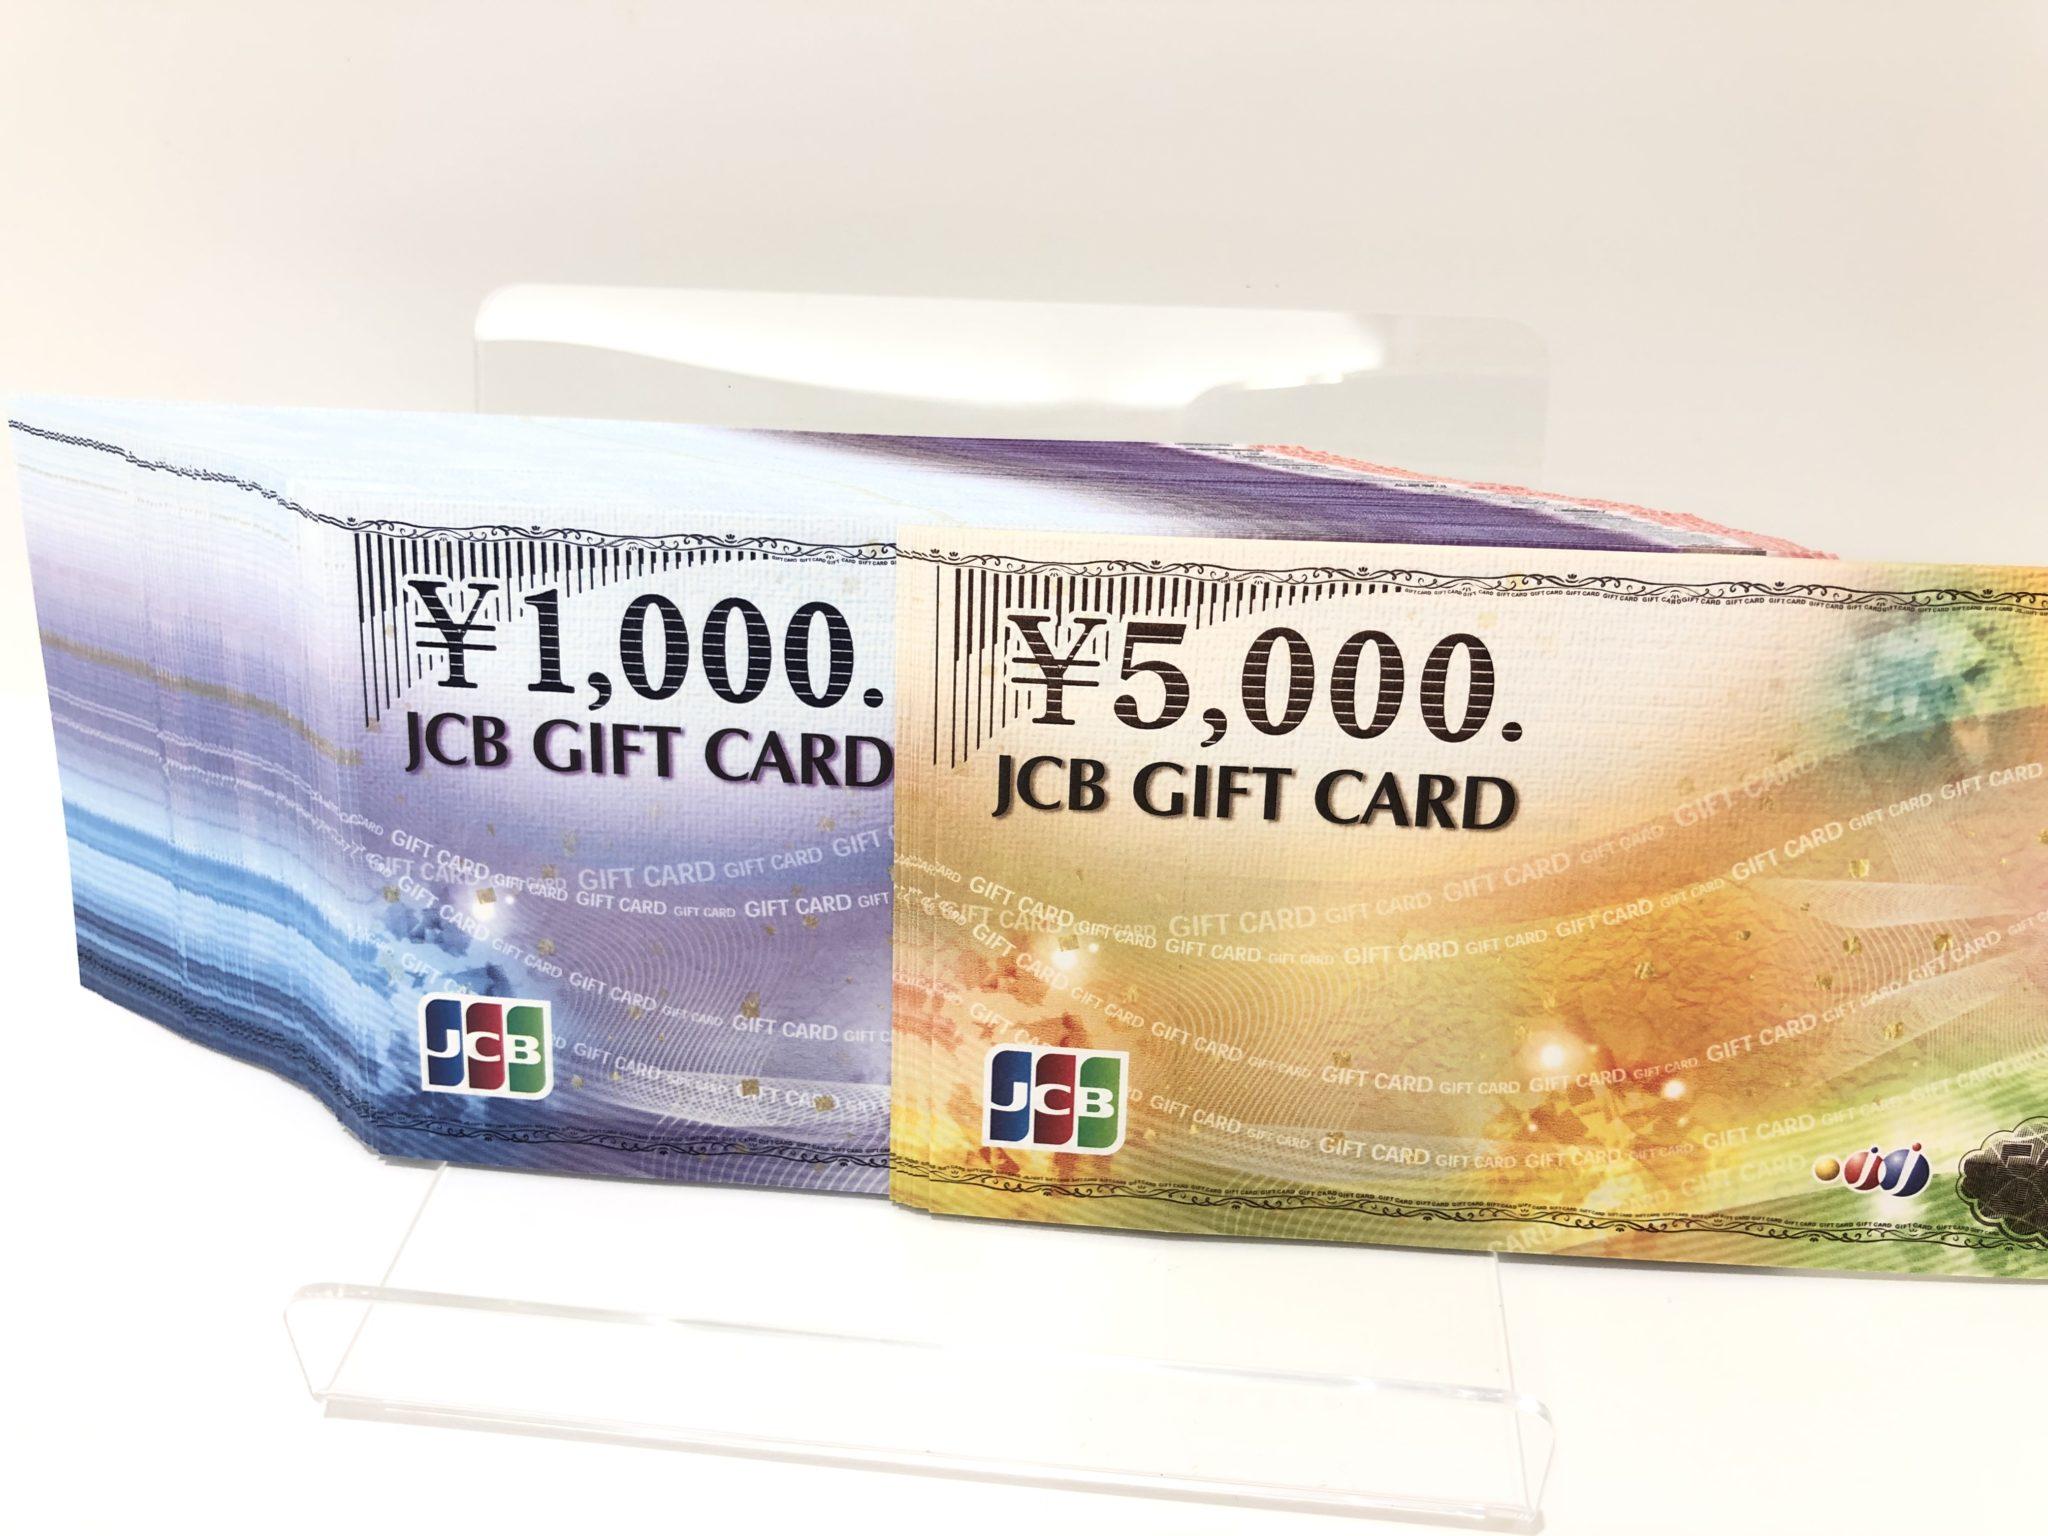 【金券 商品券 ギフトカード 】を盛岡市のお客様より買取させていただきました!